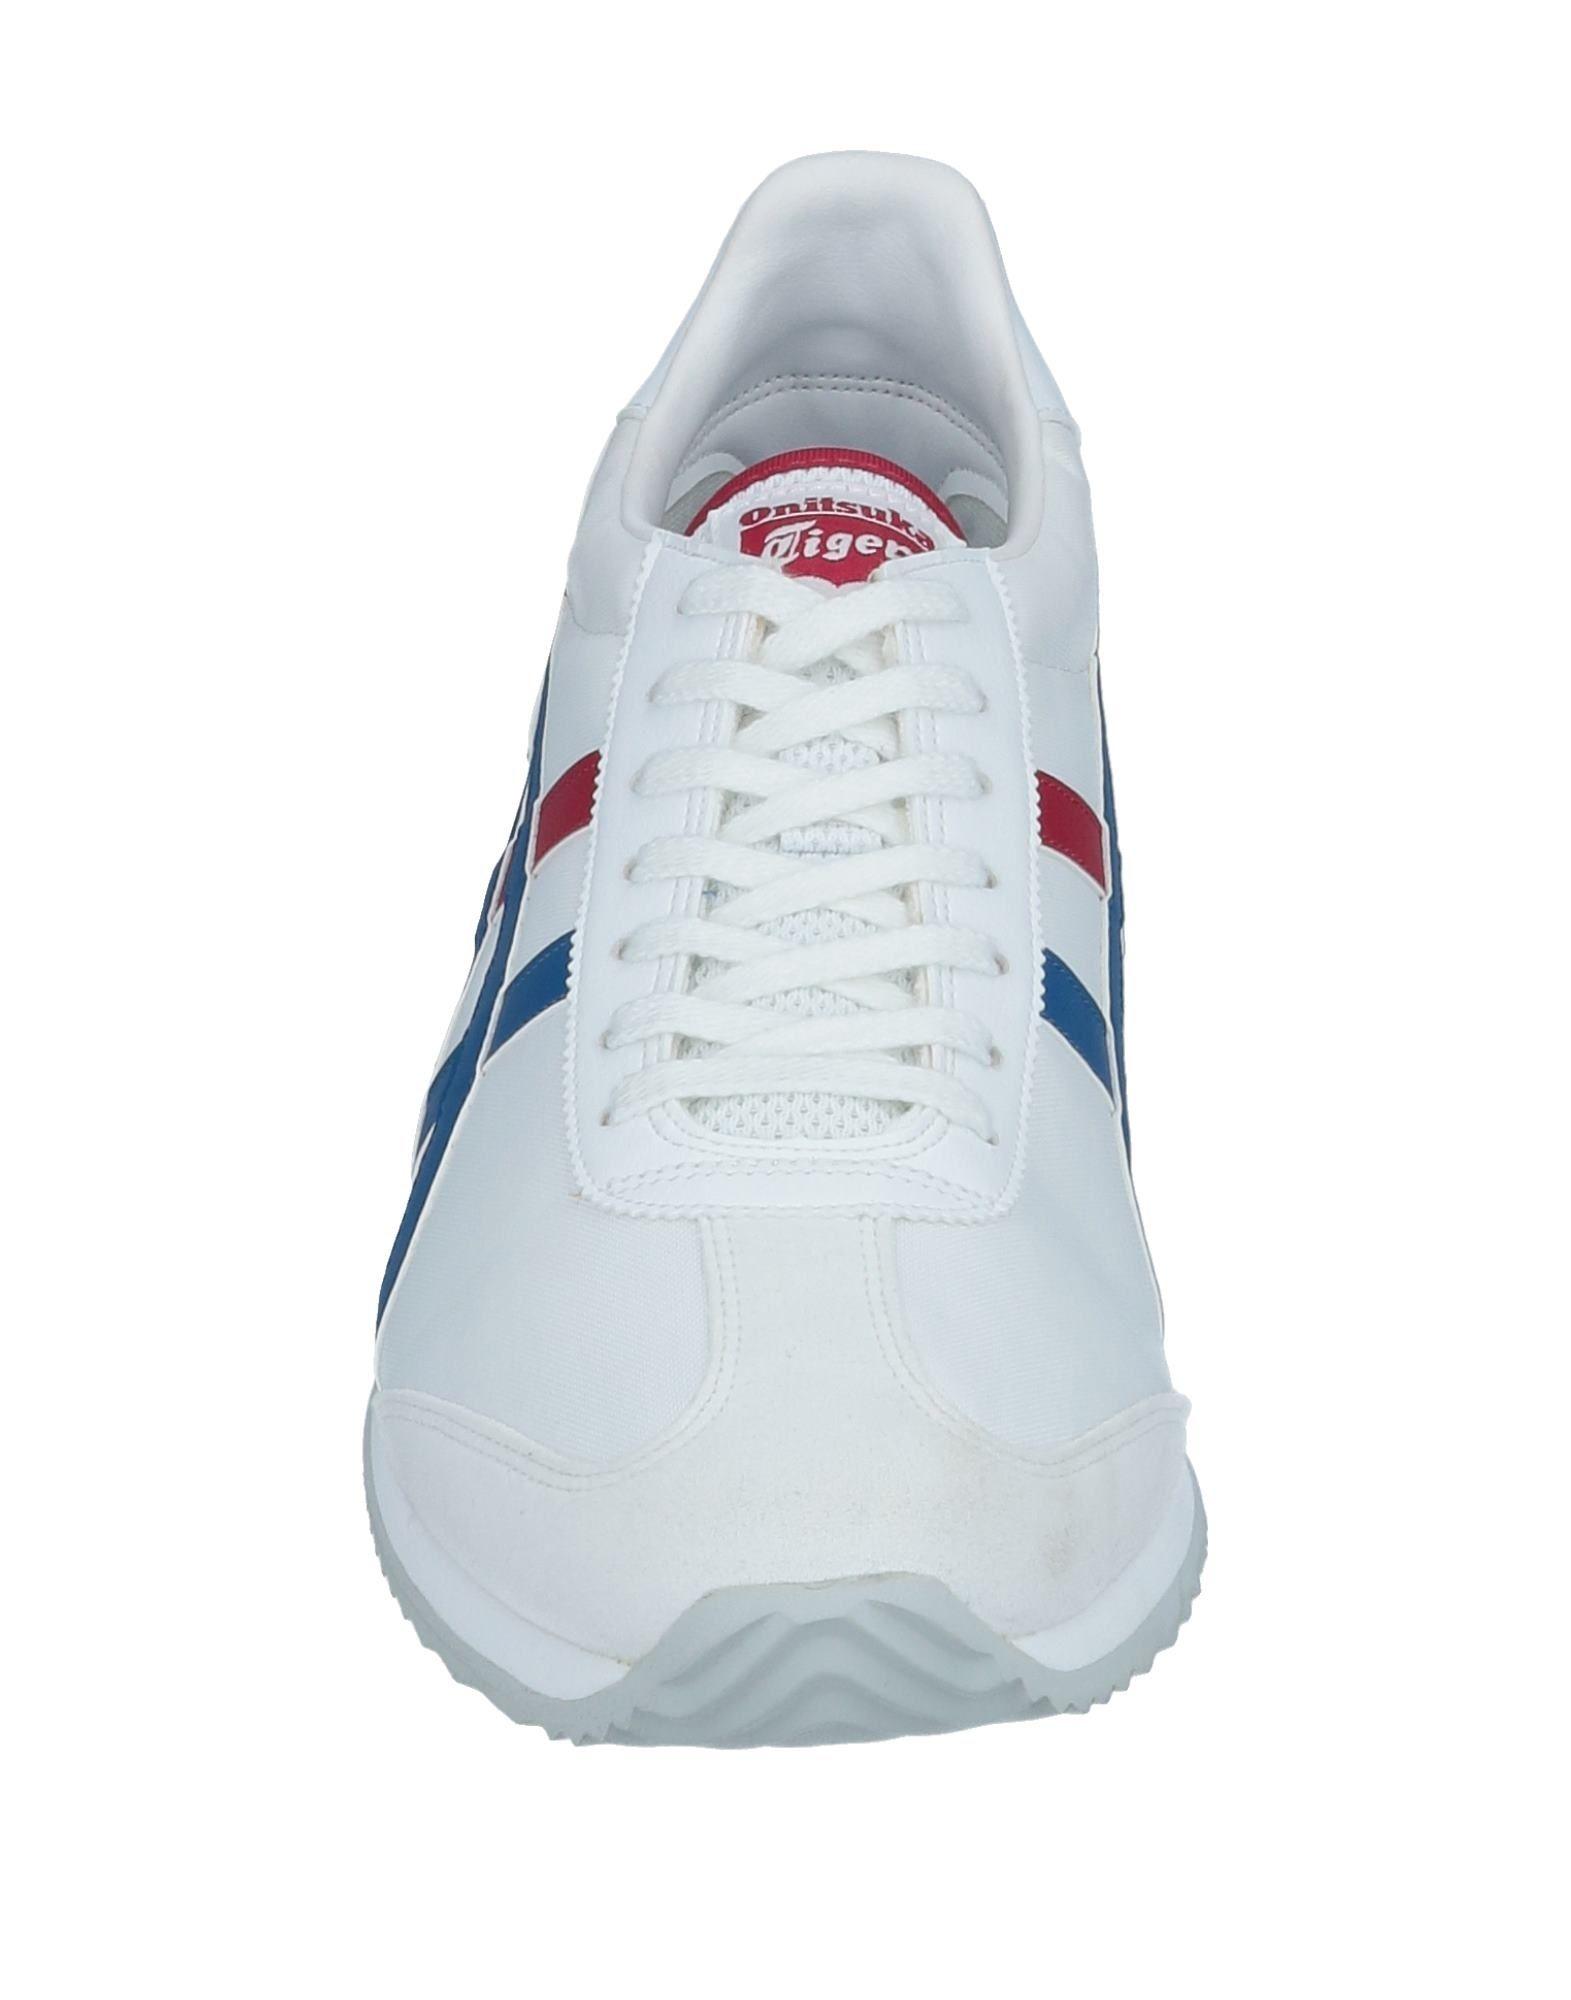 Rabatt Sneakers echte Schuhe Onitsuka Tiger Sneakers Rabatt Herren  11549653UF fa9272